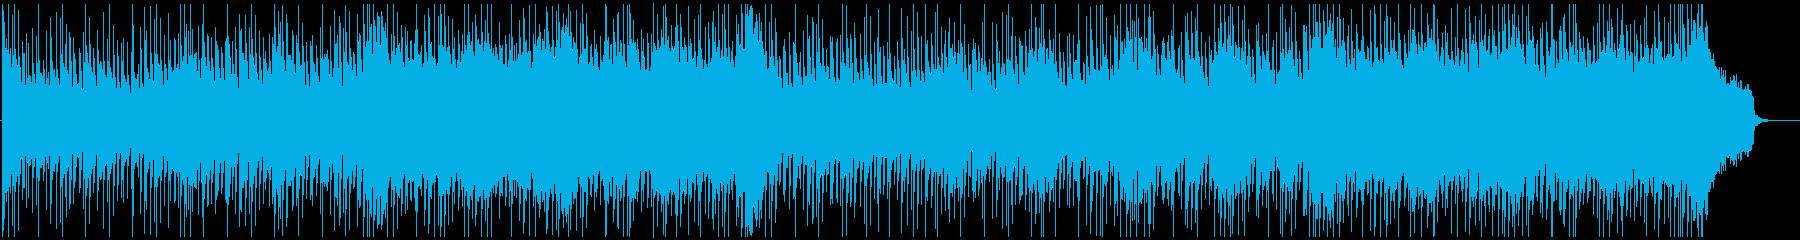 緊迫な雰囲気が停滞するストリングスBGMの再生済みの波形